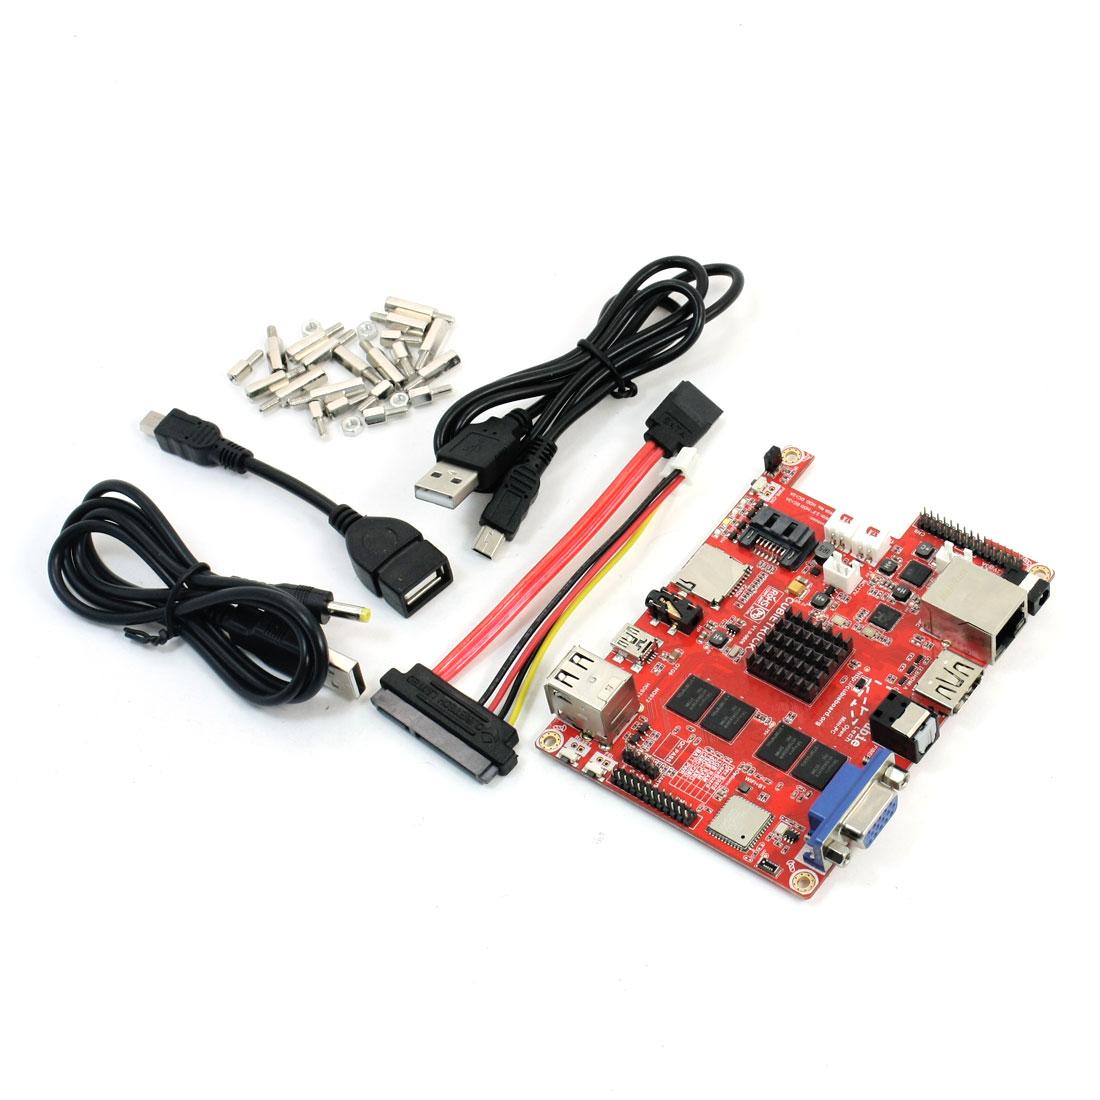 Cubieboard3 A7 Cubietruck Dual-Core A20 Development Board w 2GB DDR3 Memory